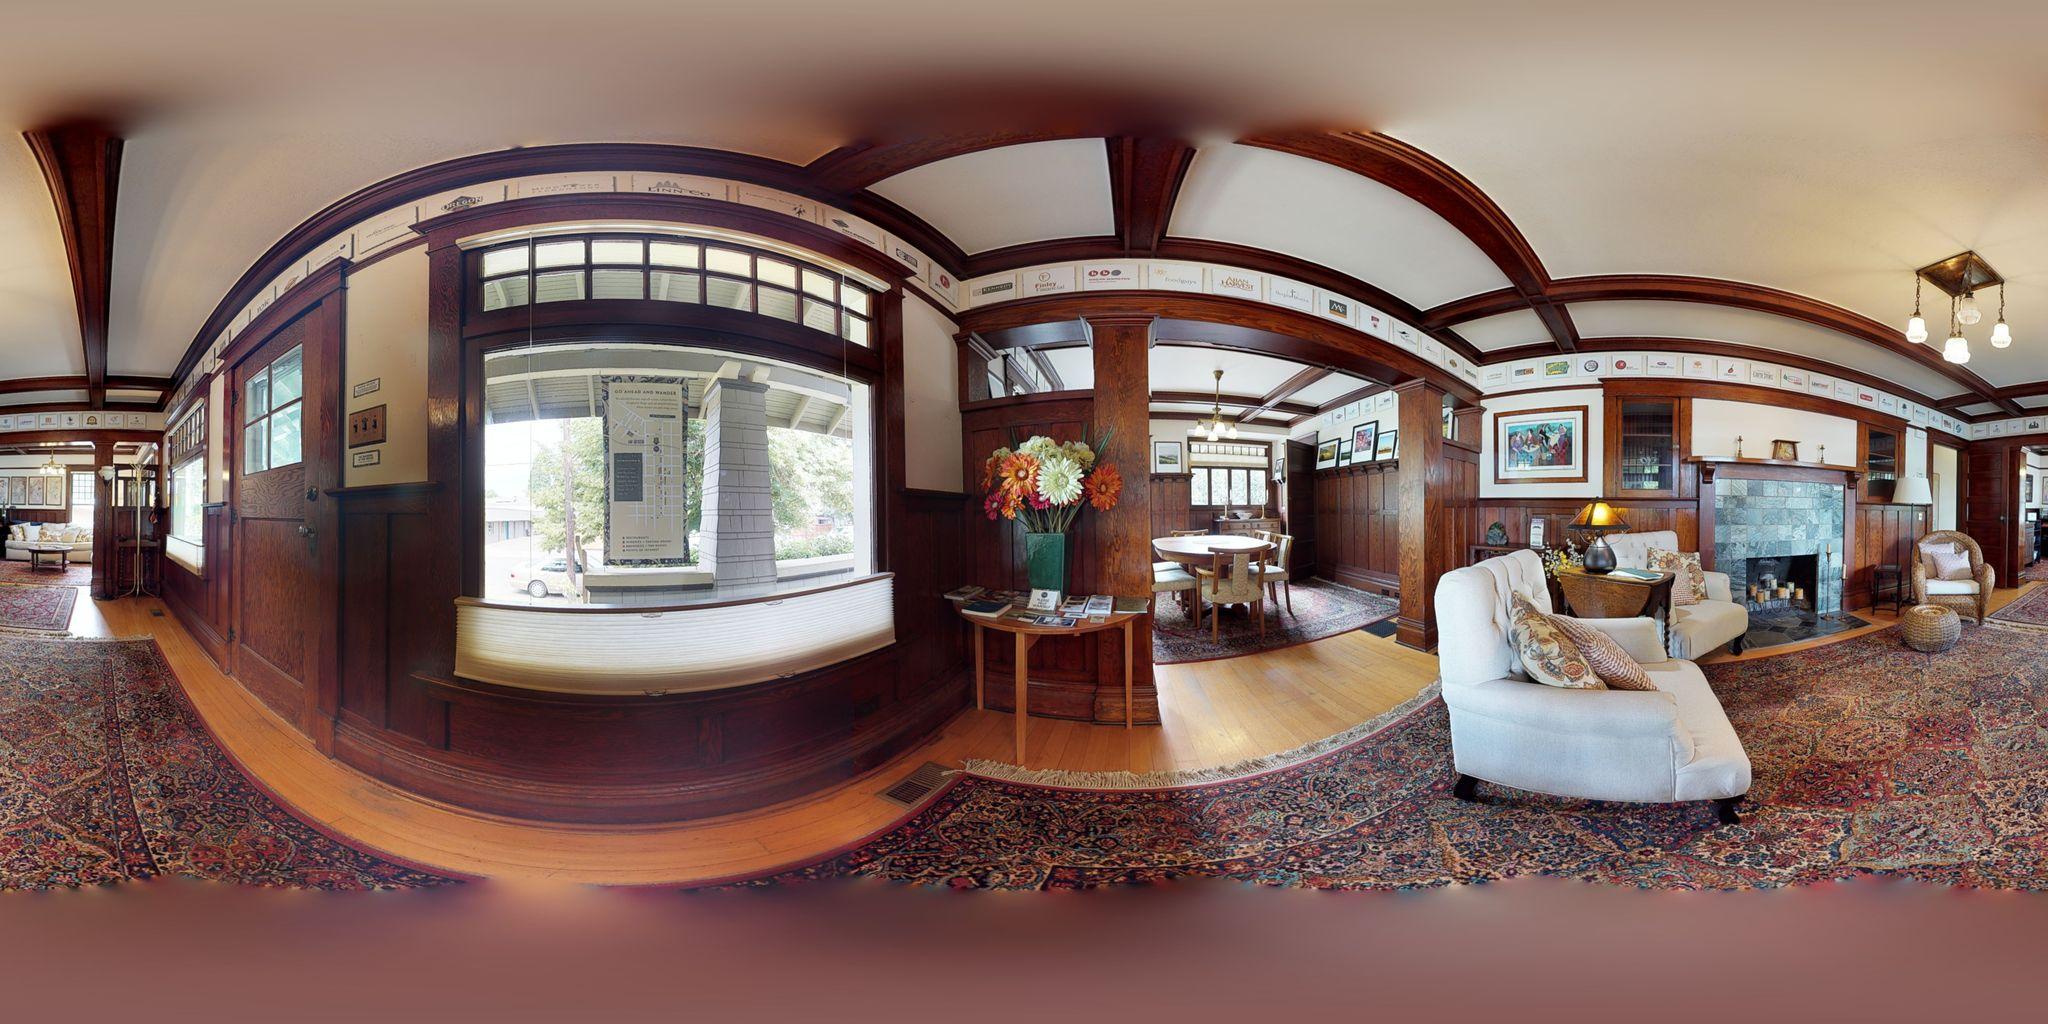 Verschaffen Sie sich einen umfassenden 360-Grad-Überblick über den Grundriss und die Ausstattung dieses Objekts.